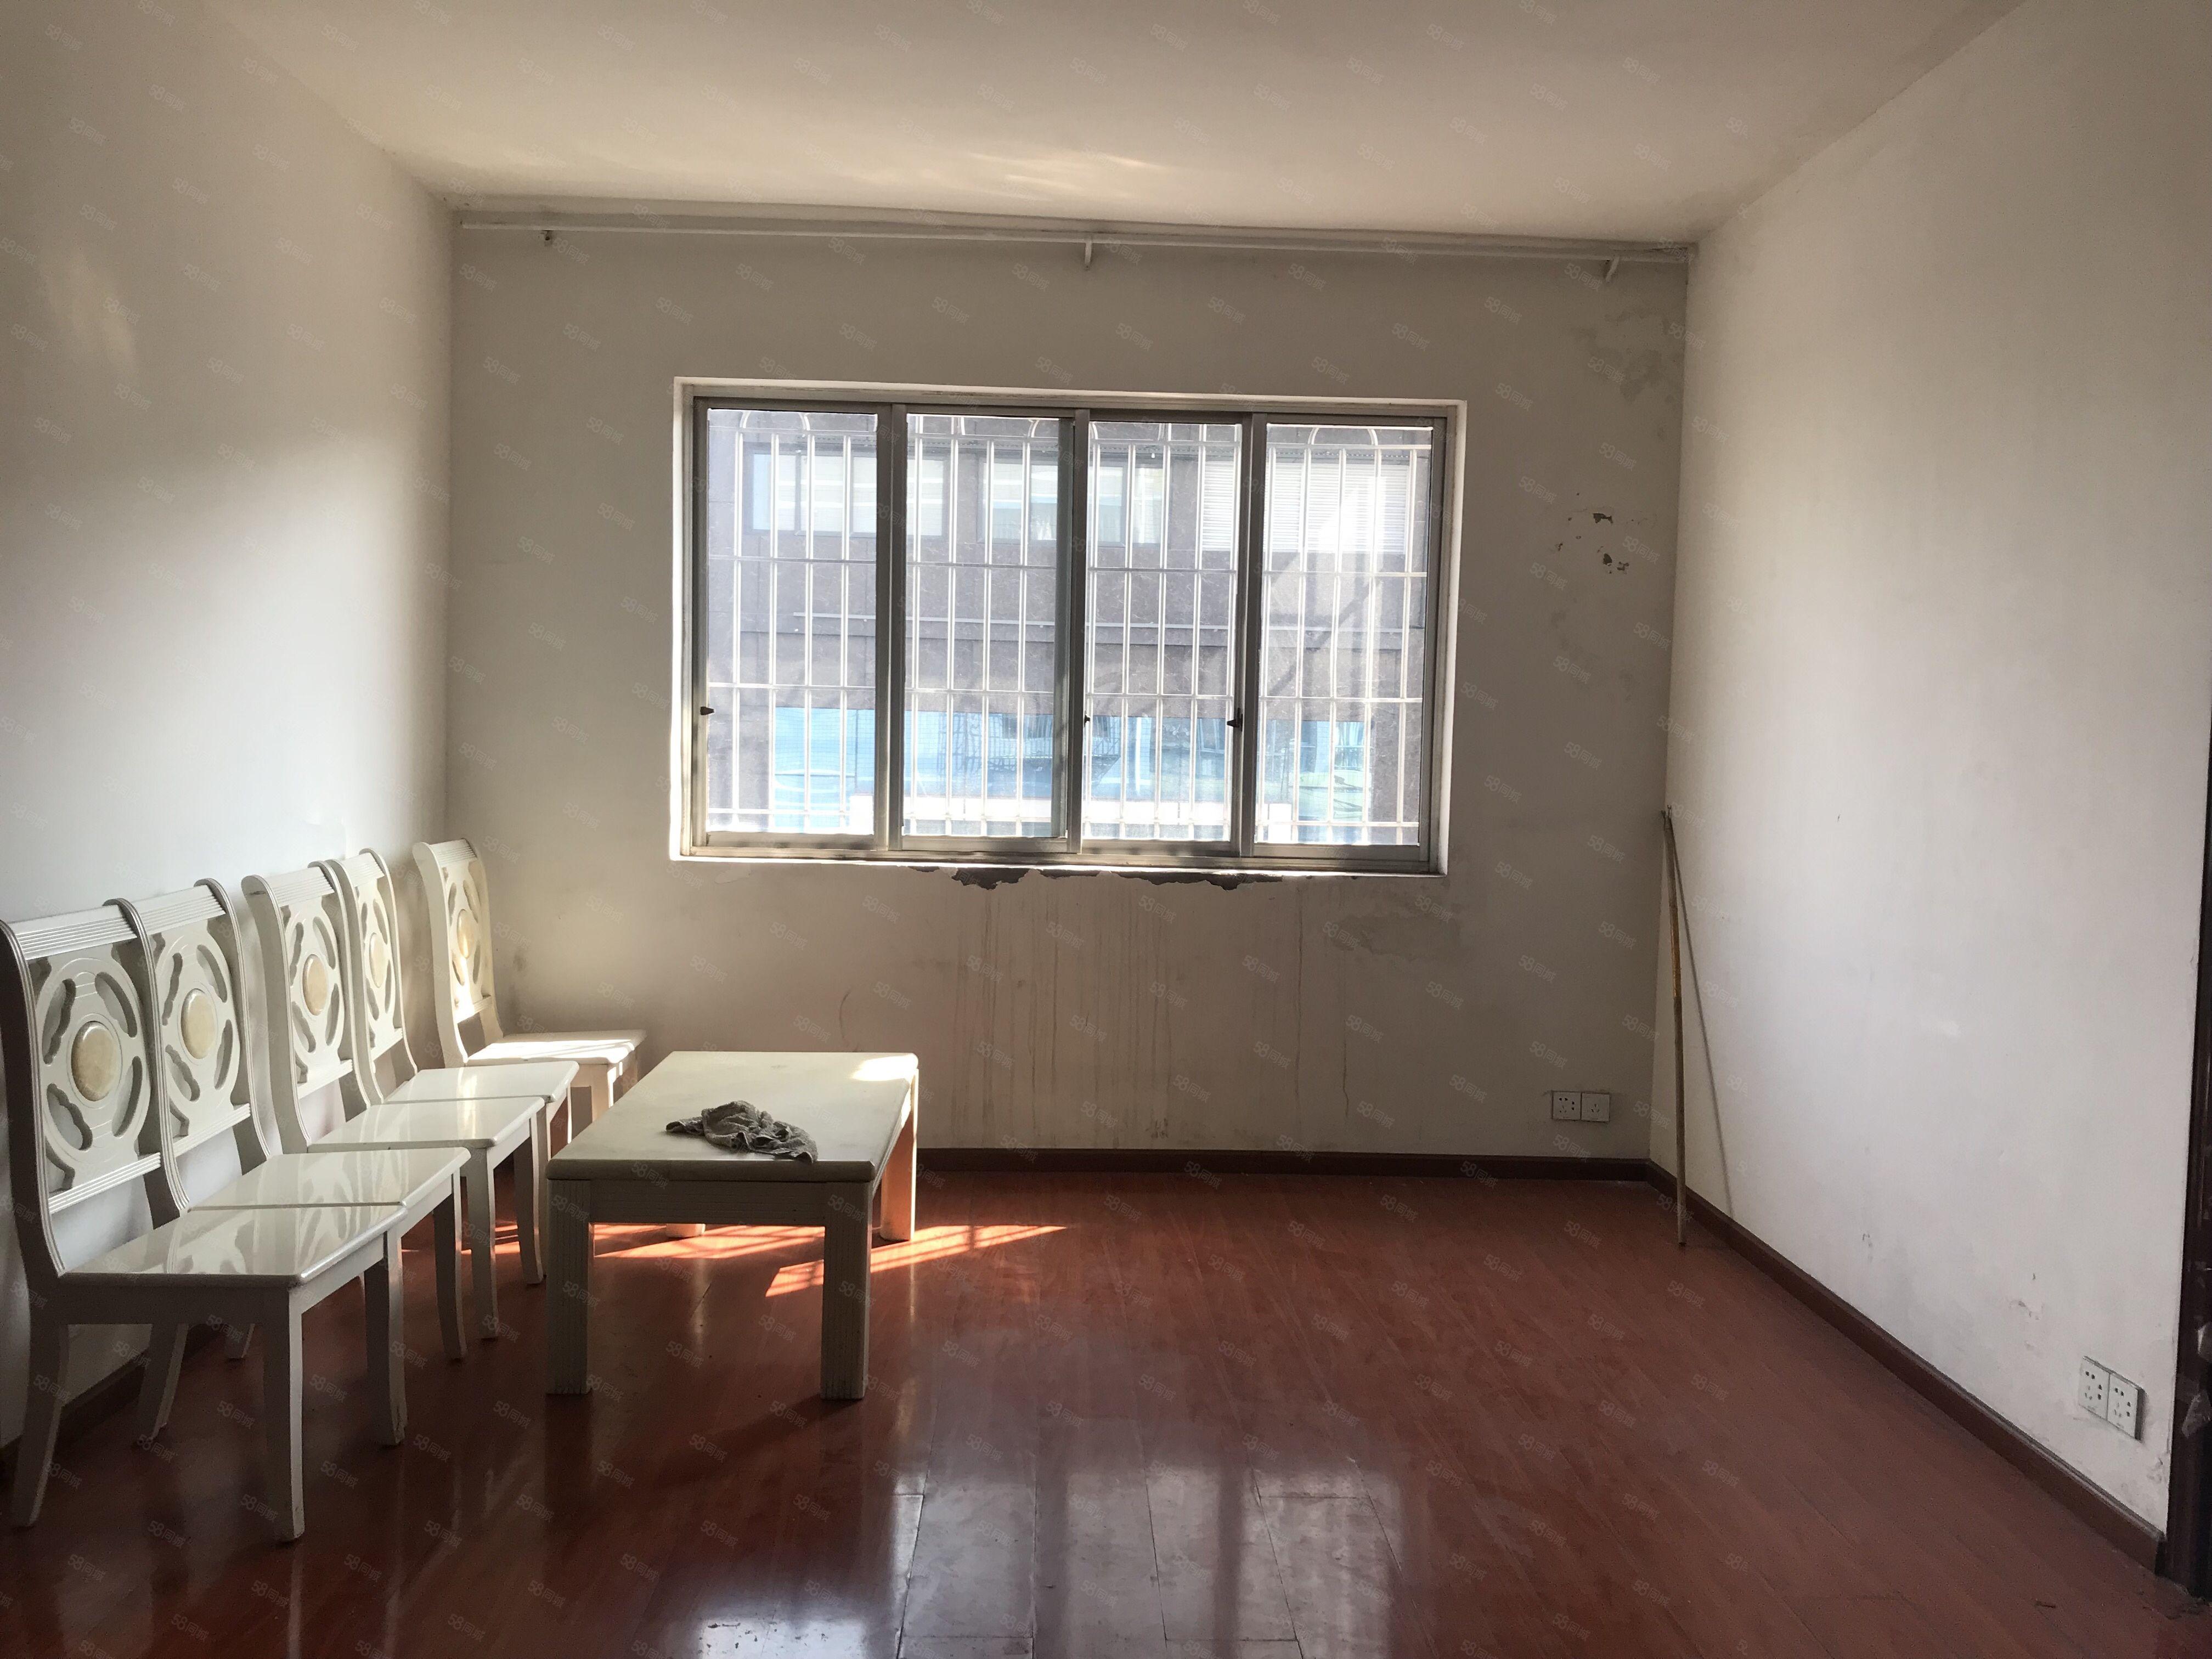 龙马大道摩尔旁主干道汇源小区81平米中装2房急售46.8万